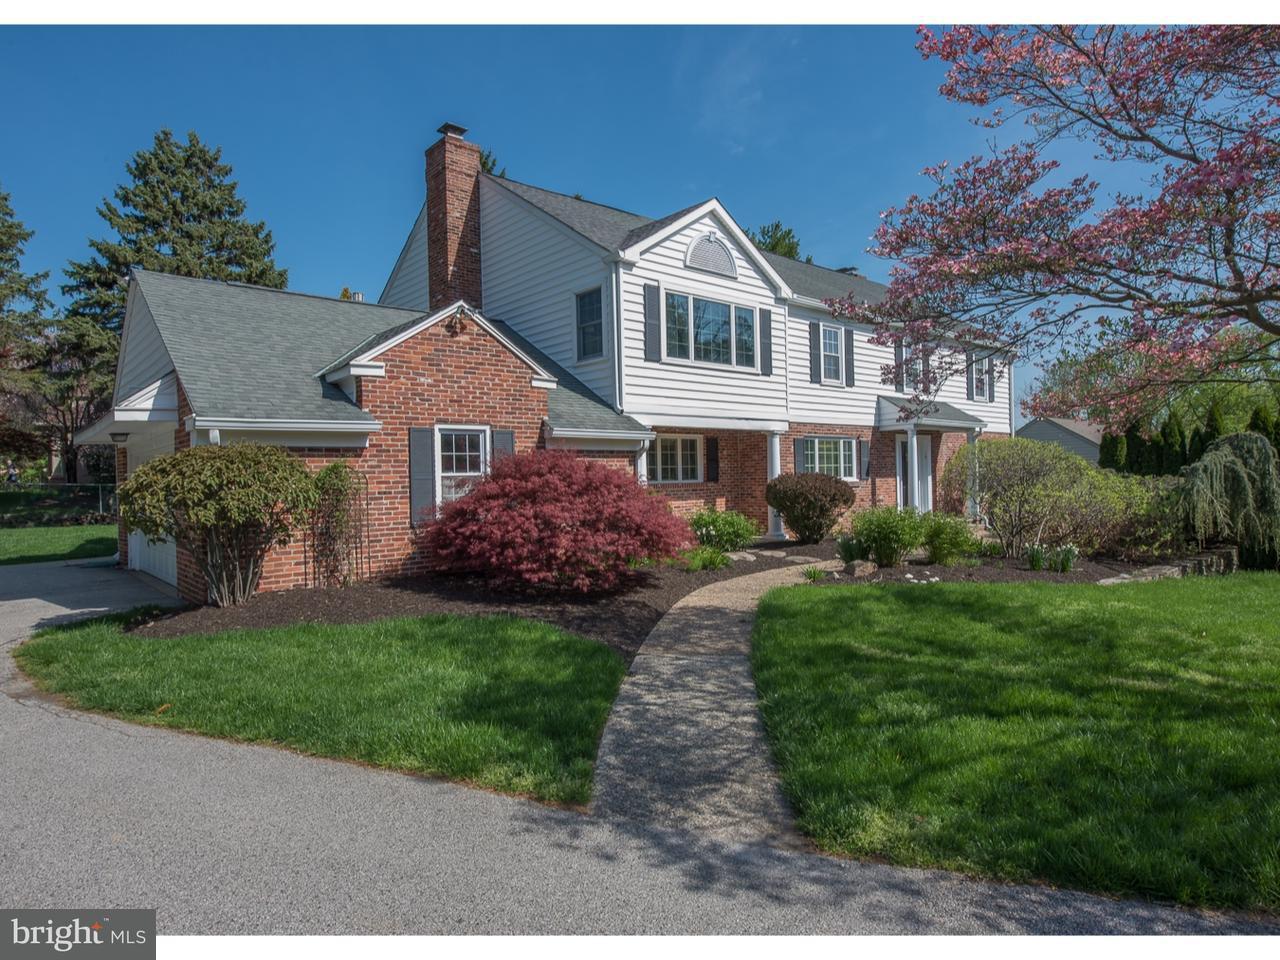 獨棟家庭住宅 為 出售 在 1130 E TOWER LN E Narberth, 賓夕法尼亞州 19072 美國